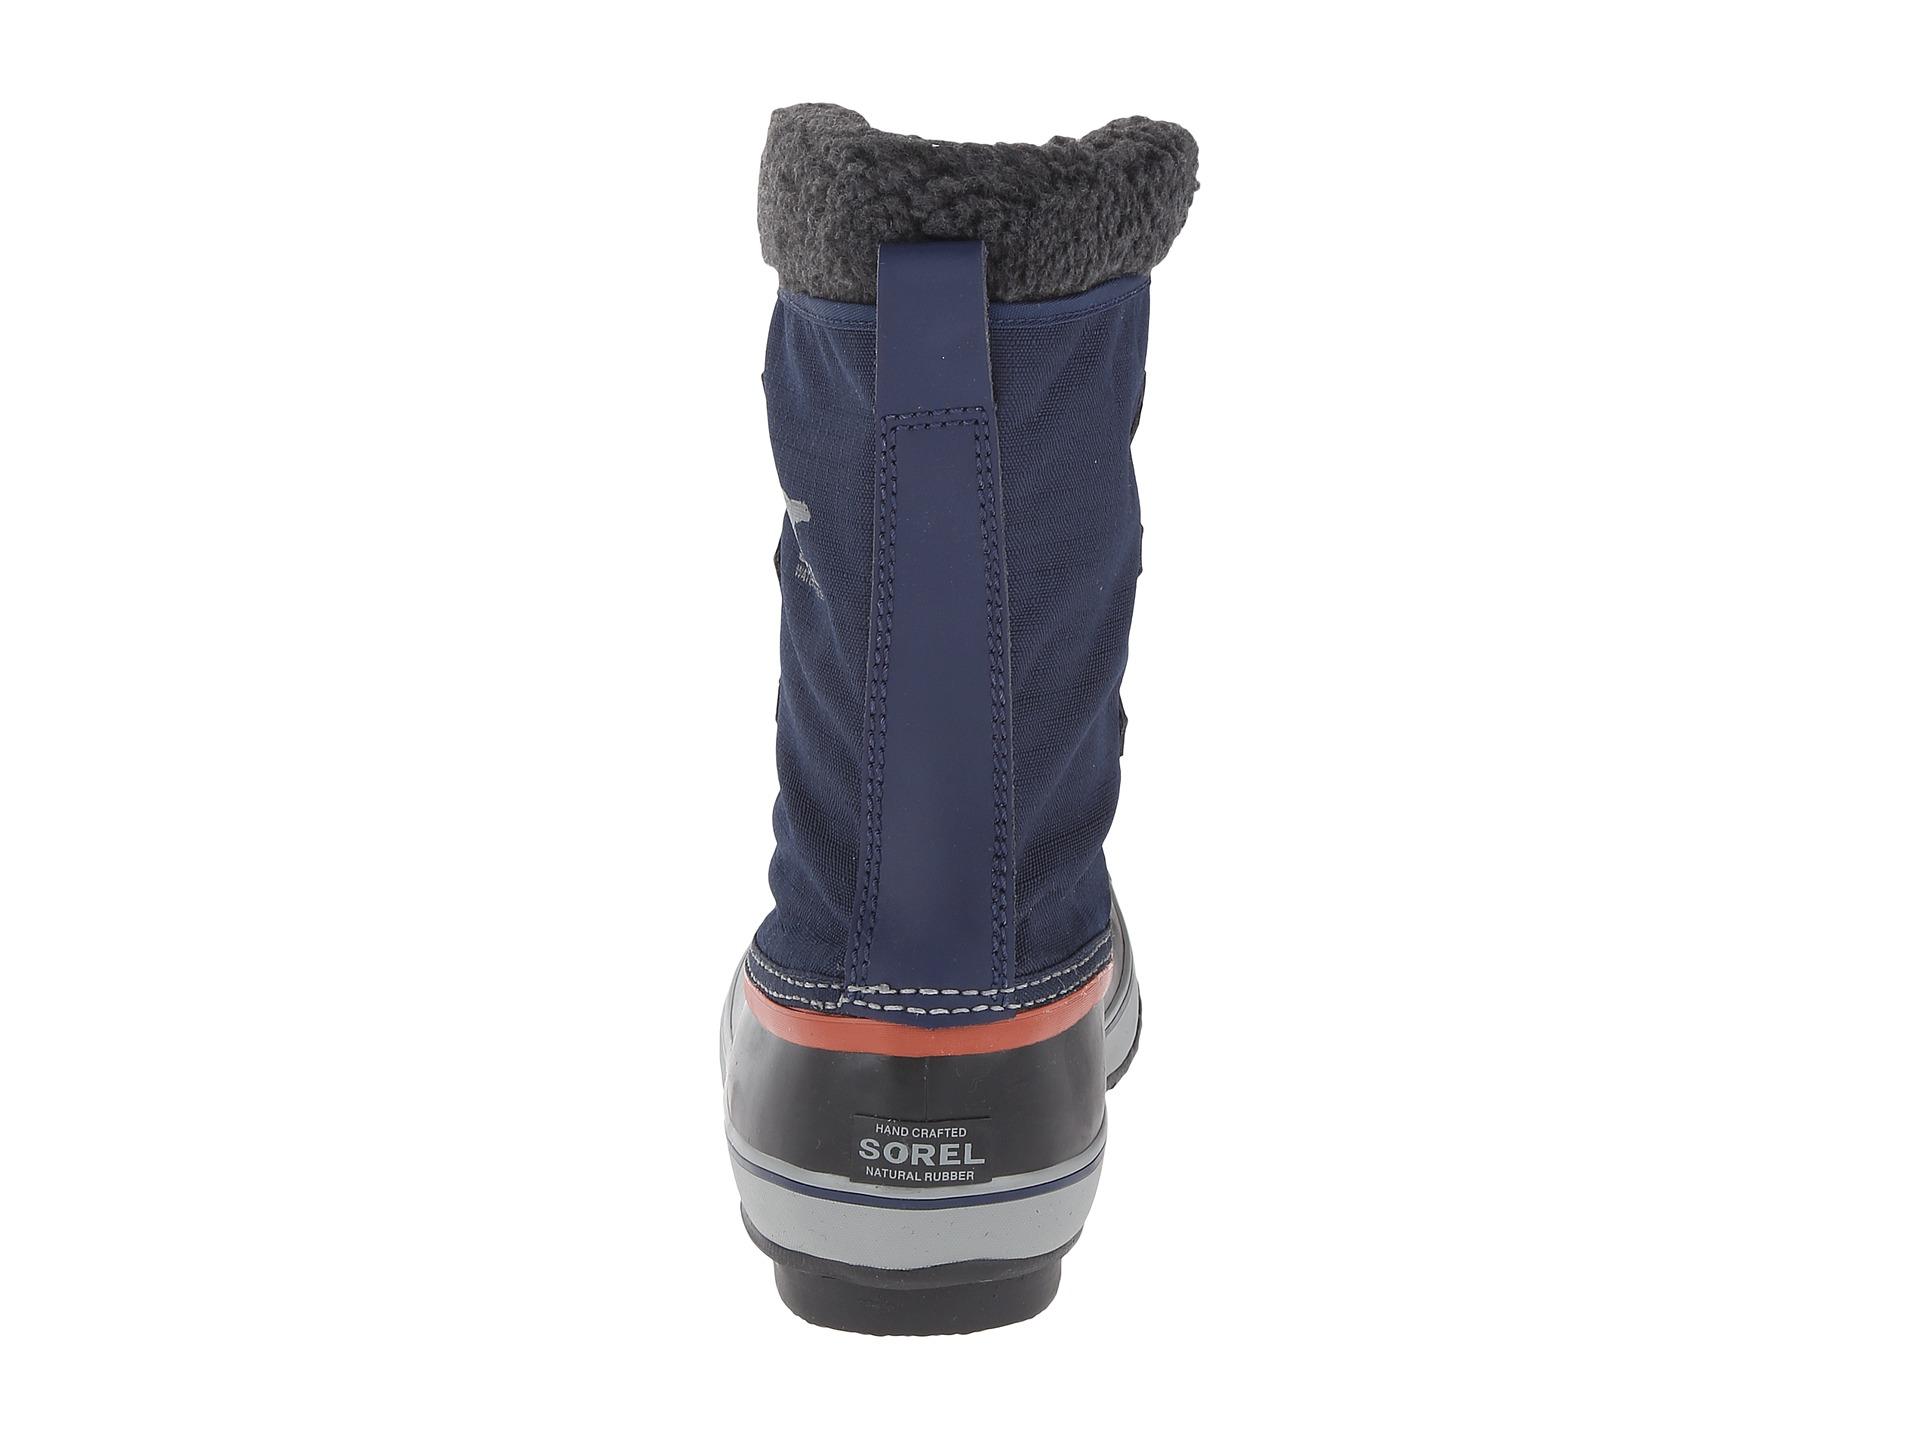 Sorel Winter Boots For Men Images Ugg